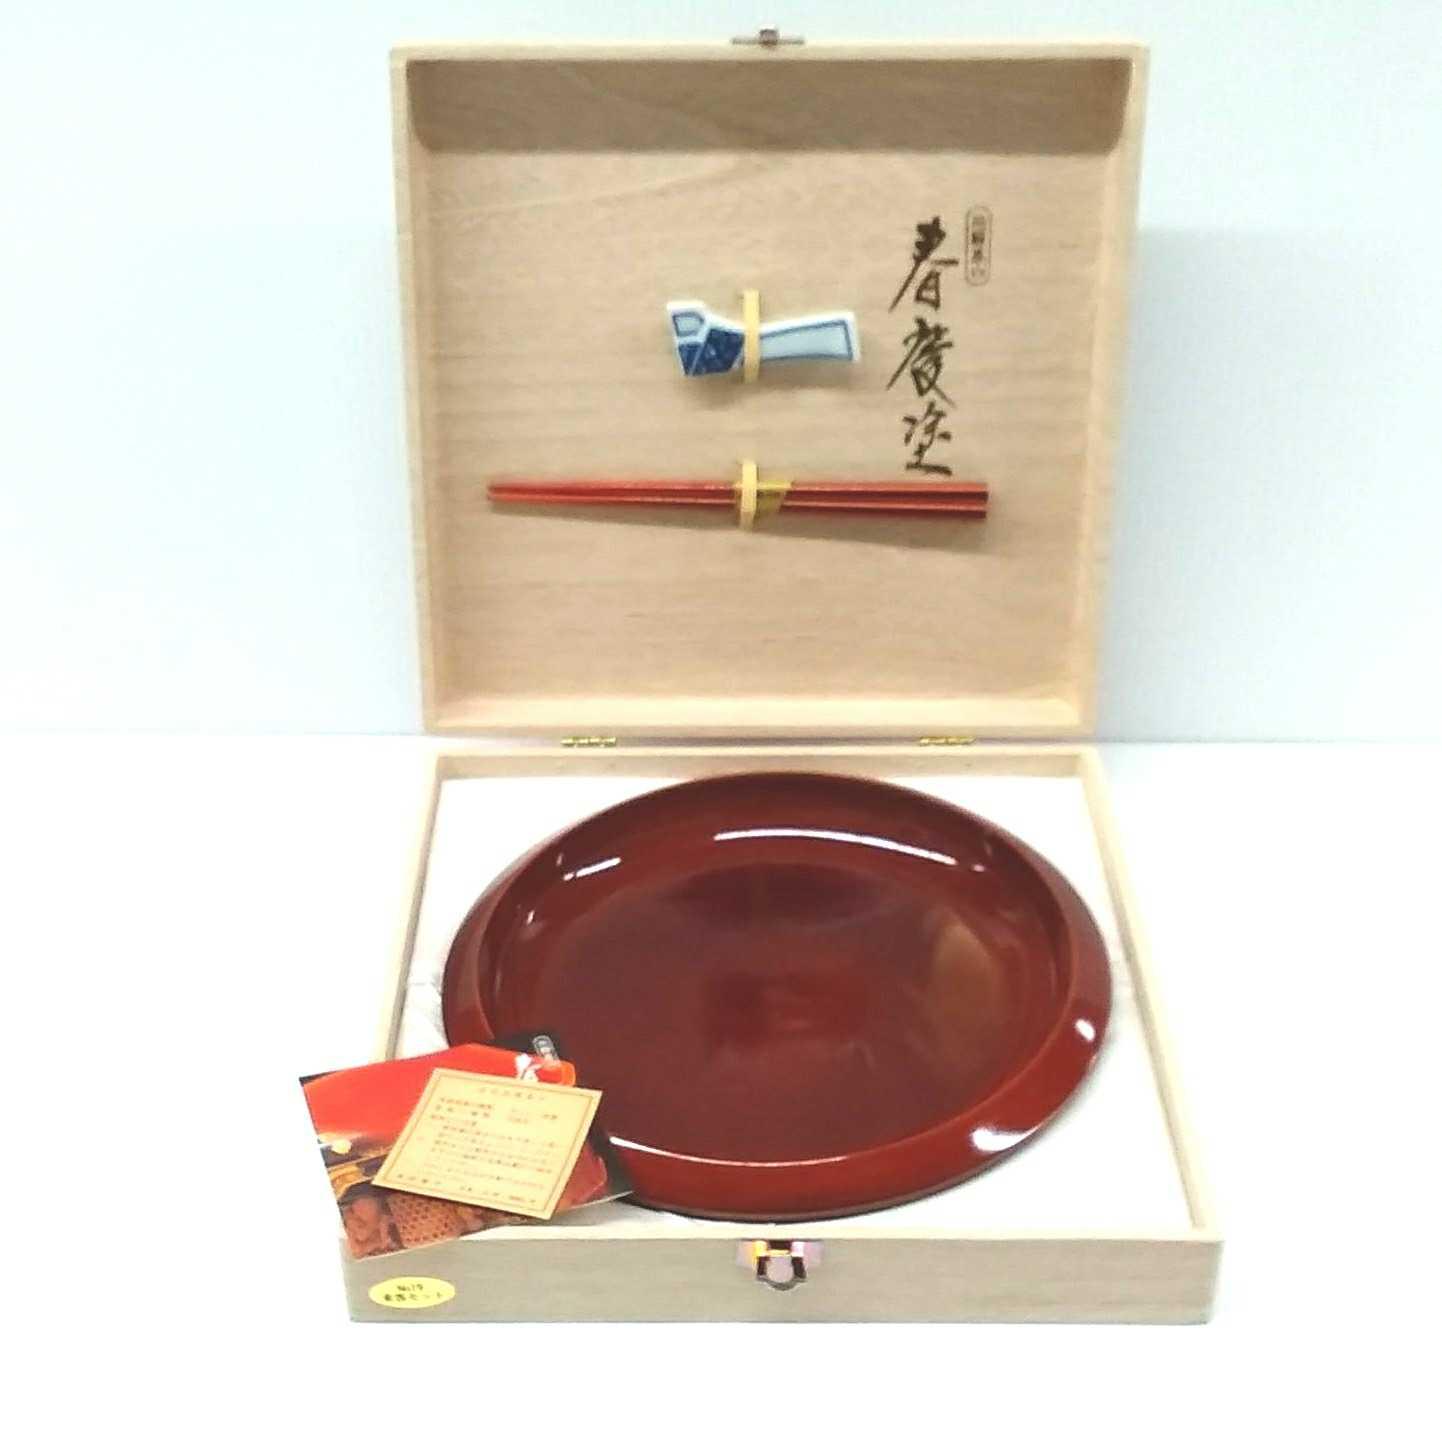 飛騨春慶塗 来客セット 菓子鉢・箸・箸置き|飛騨春慶塗